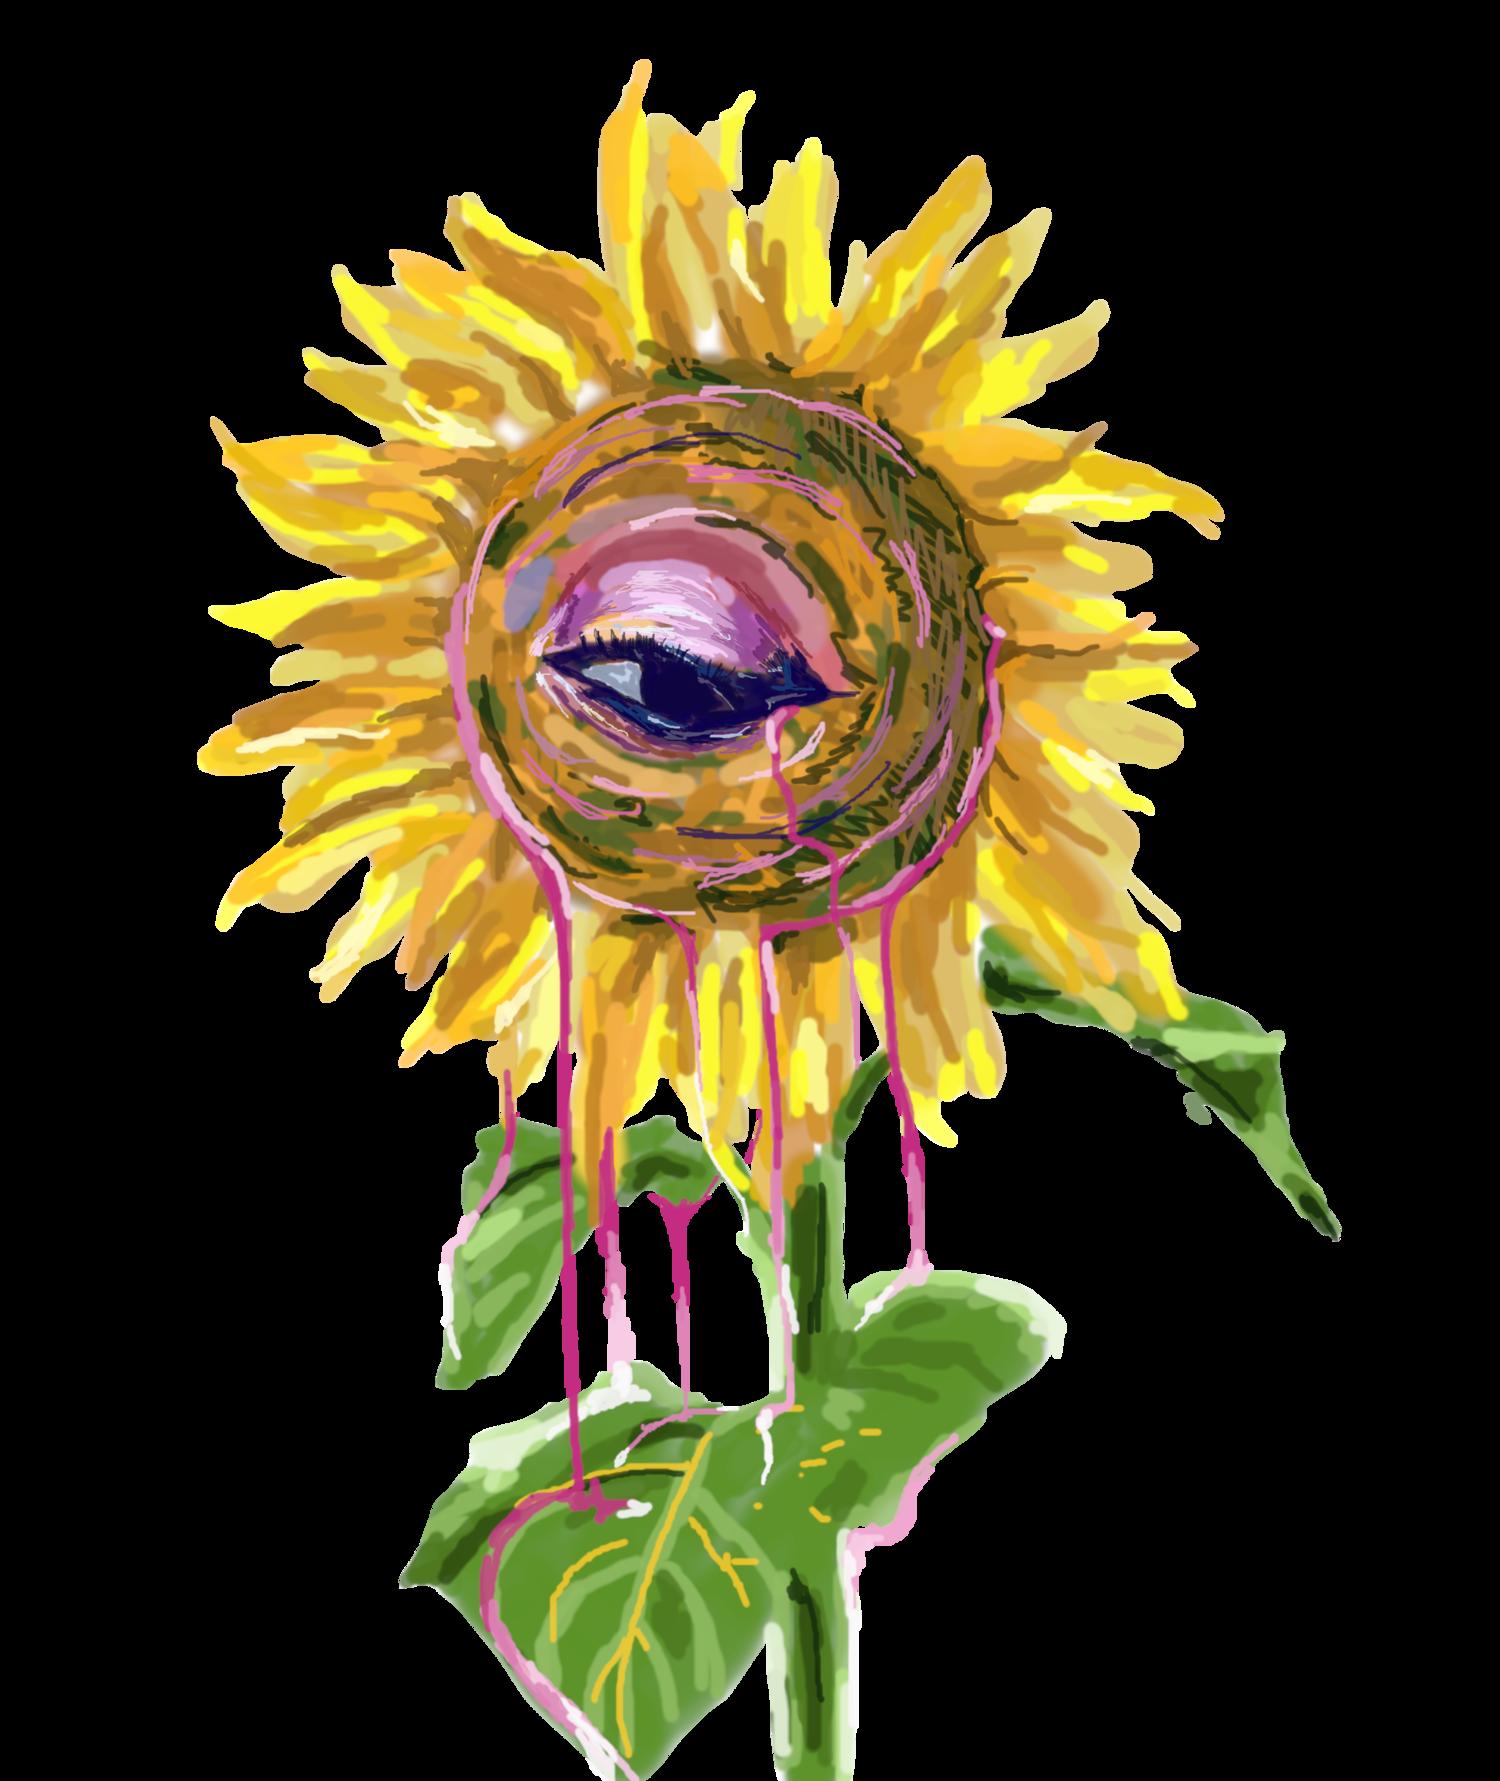 illSunflower